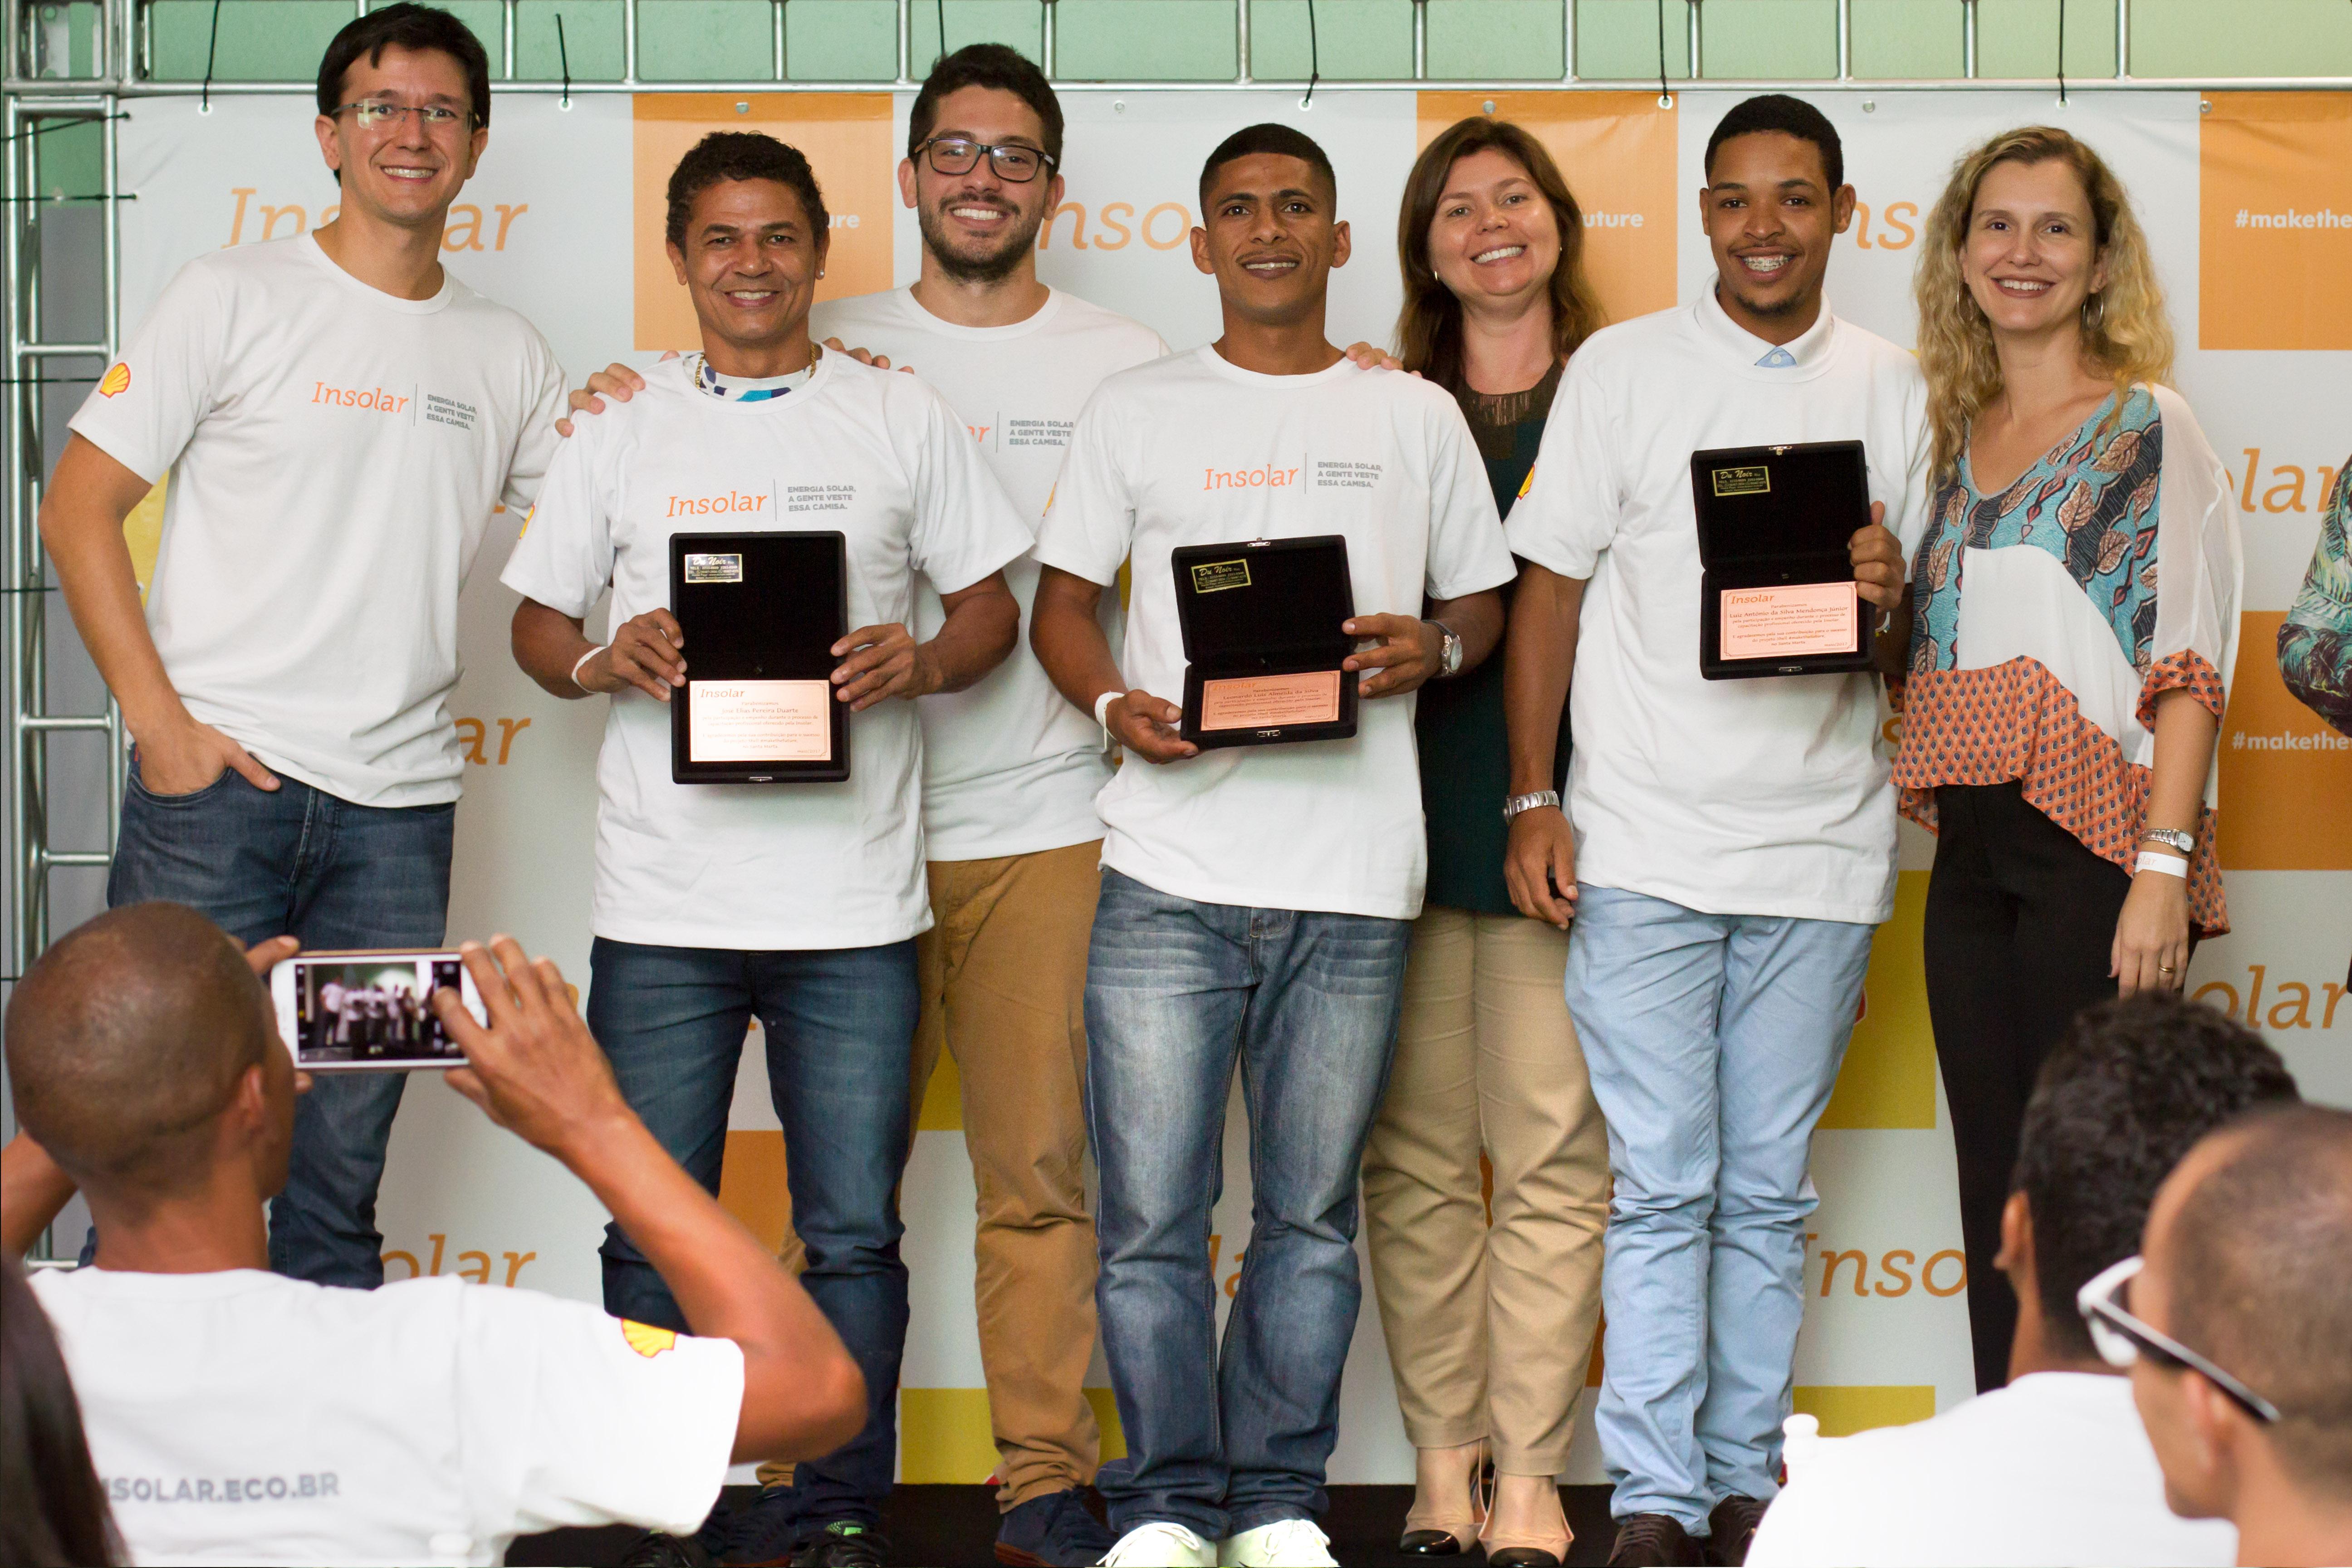 Alguns dos especialistas em reparos elétricos na cerimônia de formatura da turma. O curso também foi fruto da parceria entre Insolar e Shell